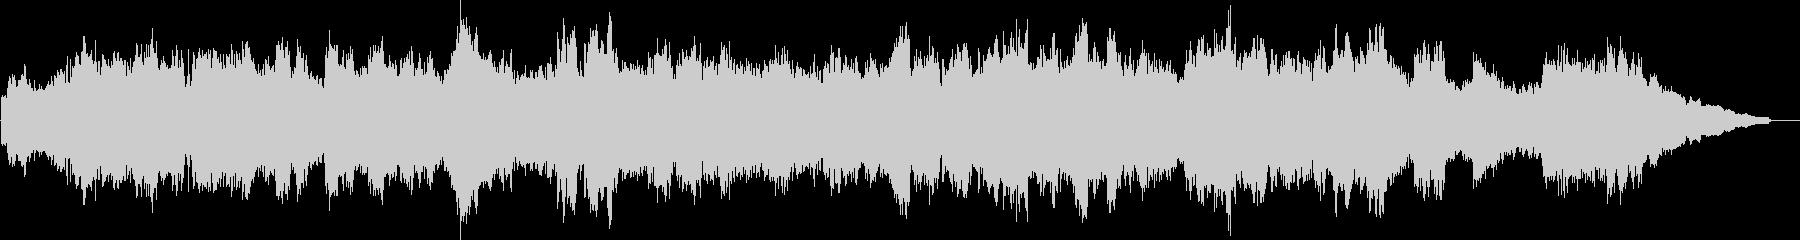 サン=サーンス「白鳥」レトロなシンセの未再生の波形